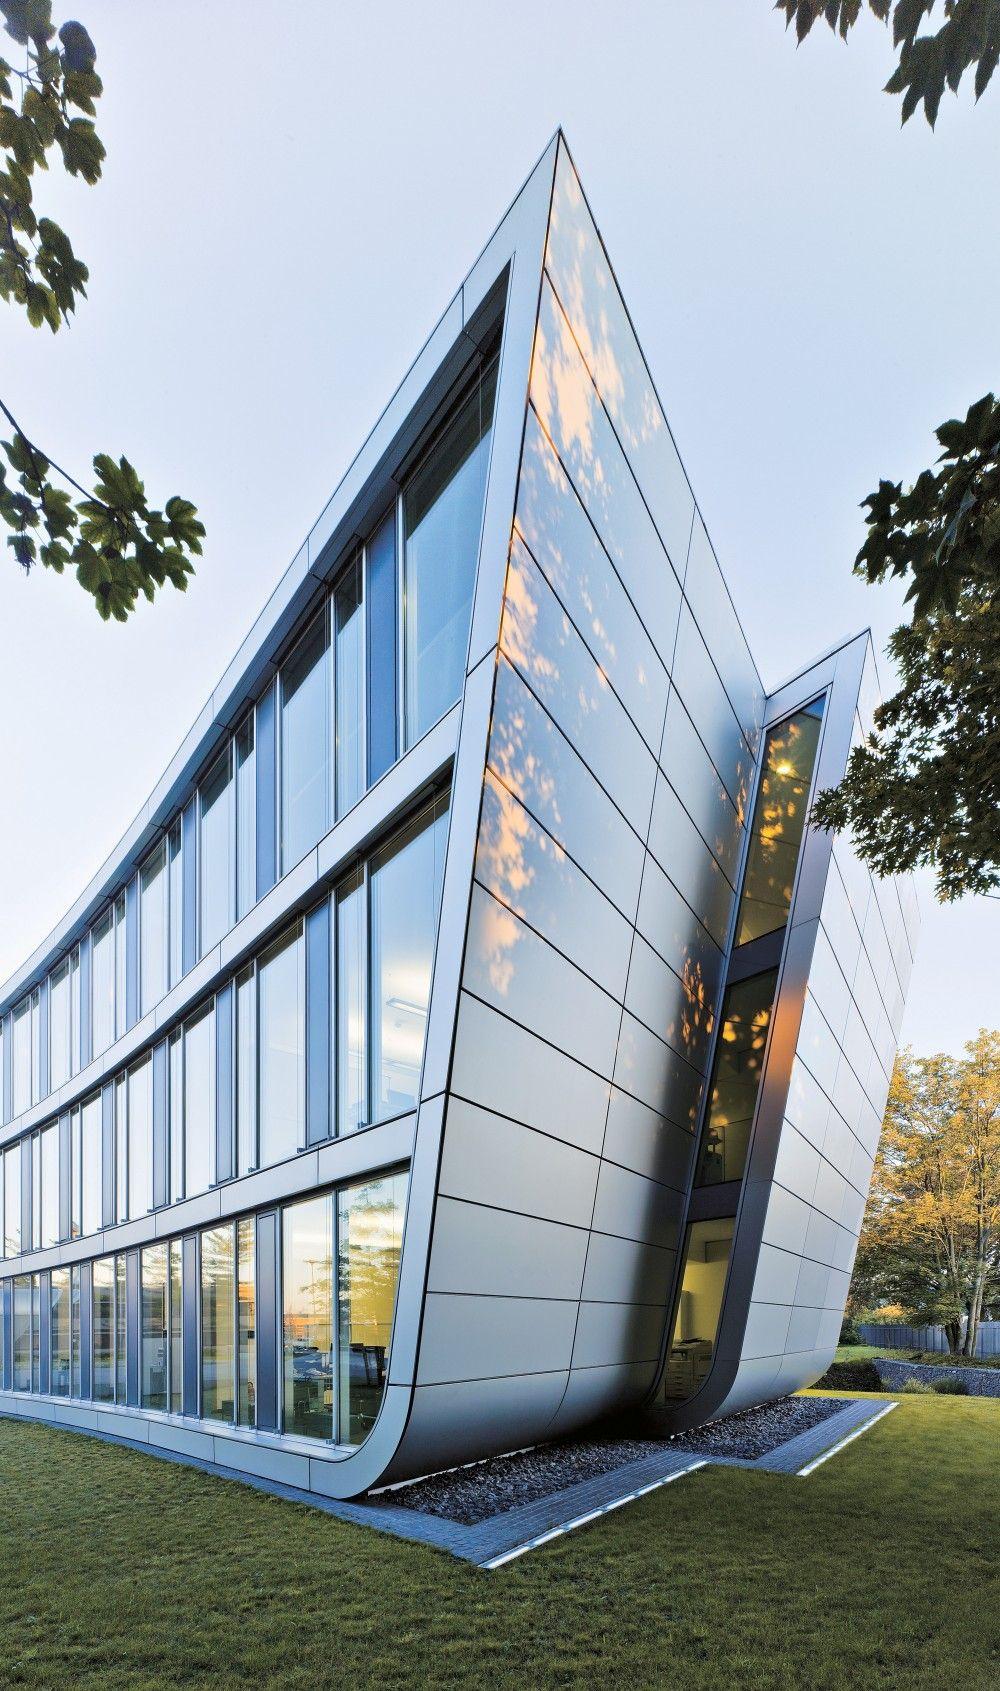 Galer a de wye eike becker architekten 8 urbanism architektur moderne architektur und - Futuristische architektur ...